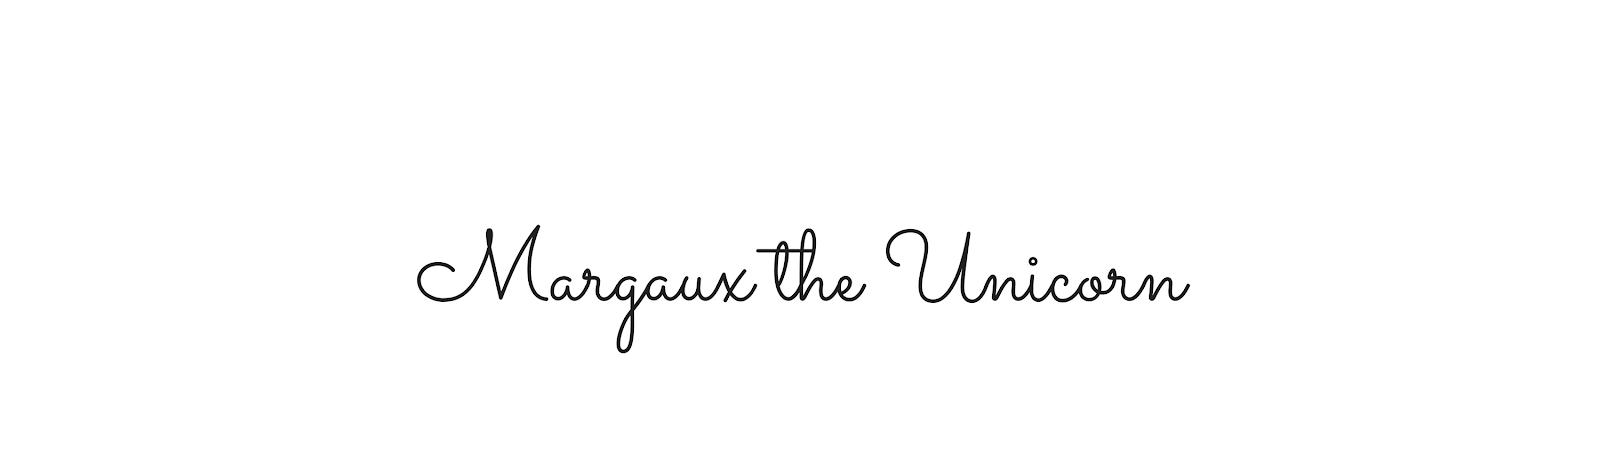 Margaux the Unicorn